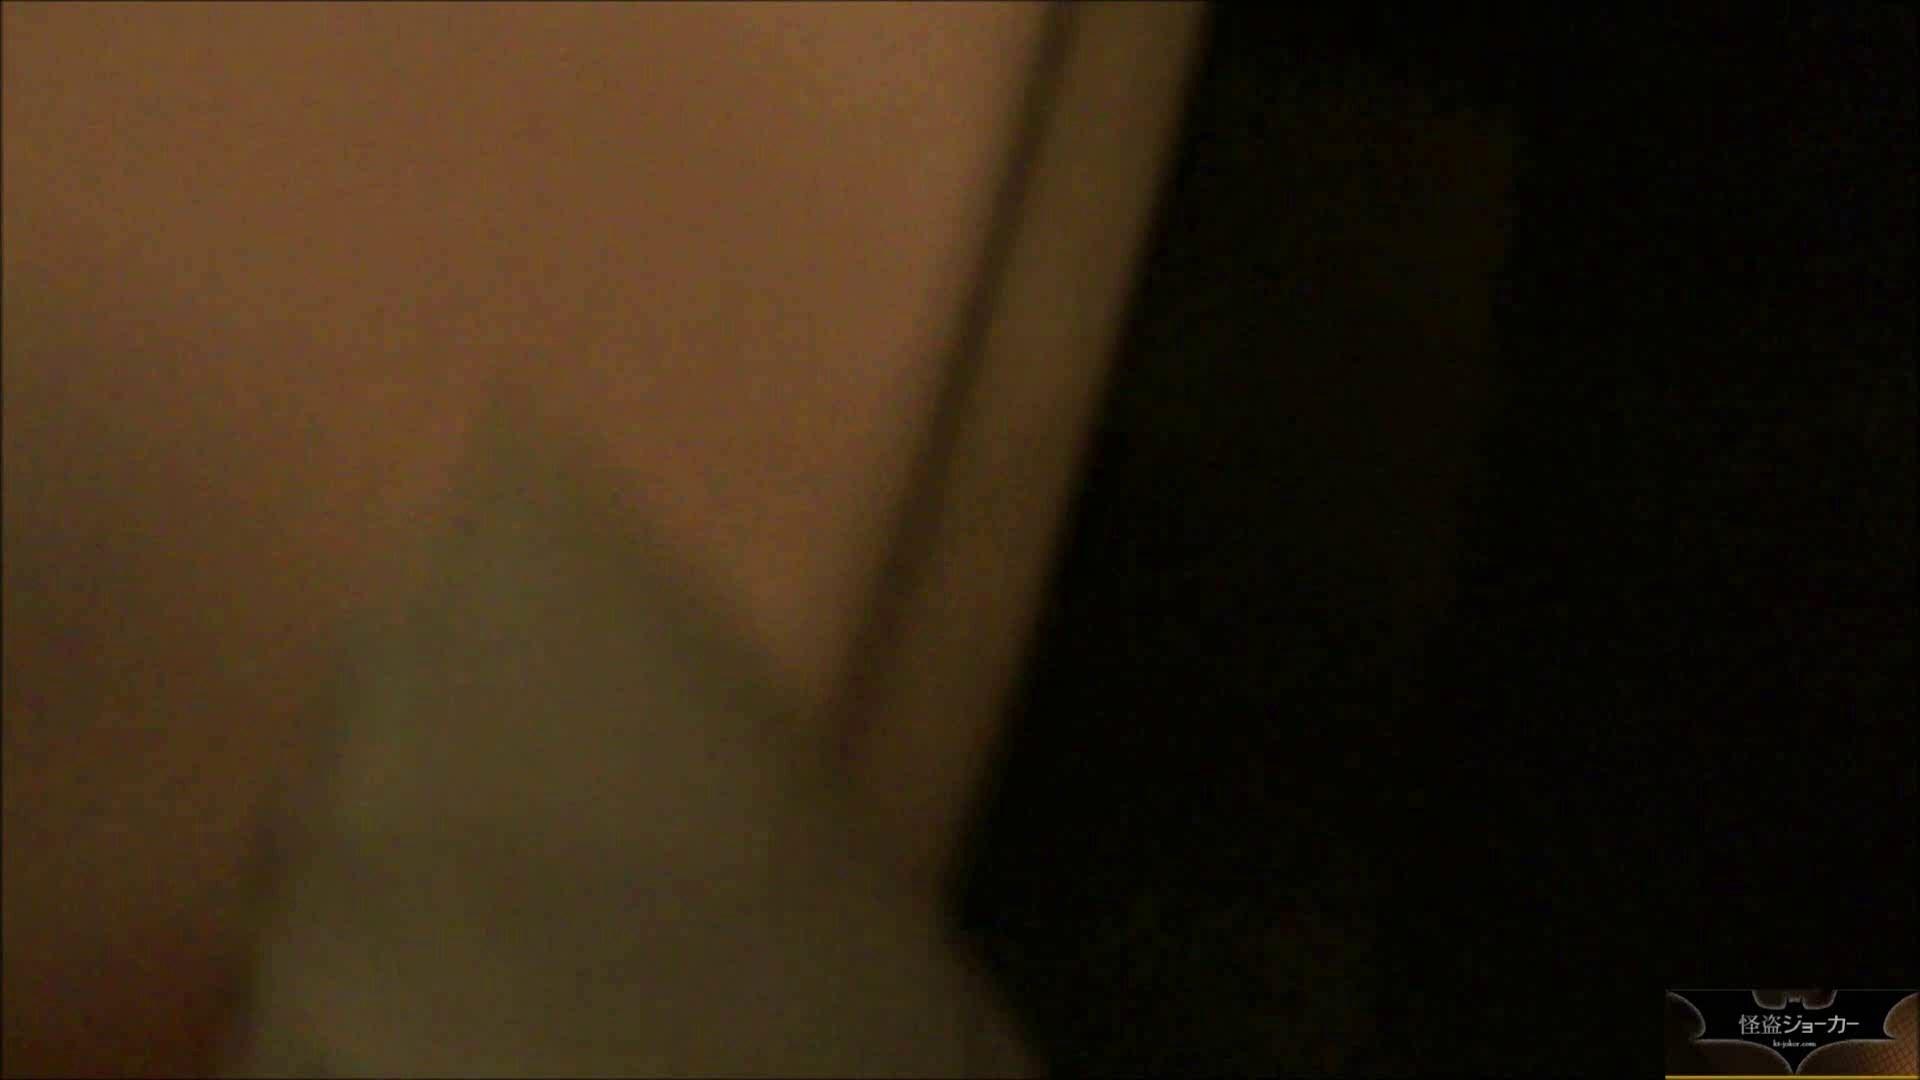 【未公開】vol.33 【援助】朋葉ちゃん、潮吹き、乱れ・・・ OL   潮吹き  73連発 14